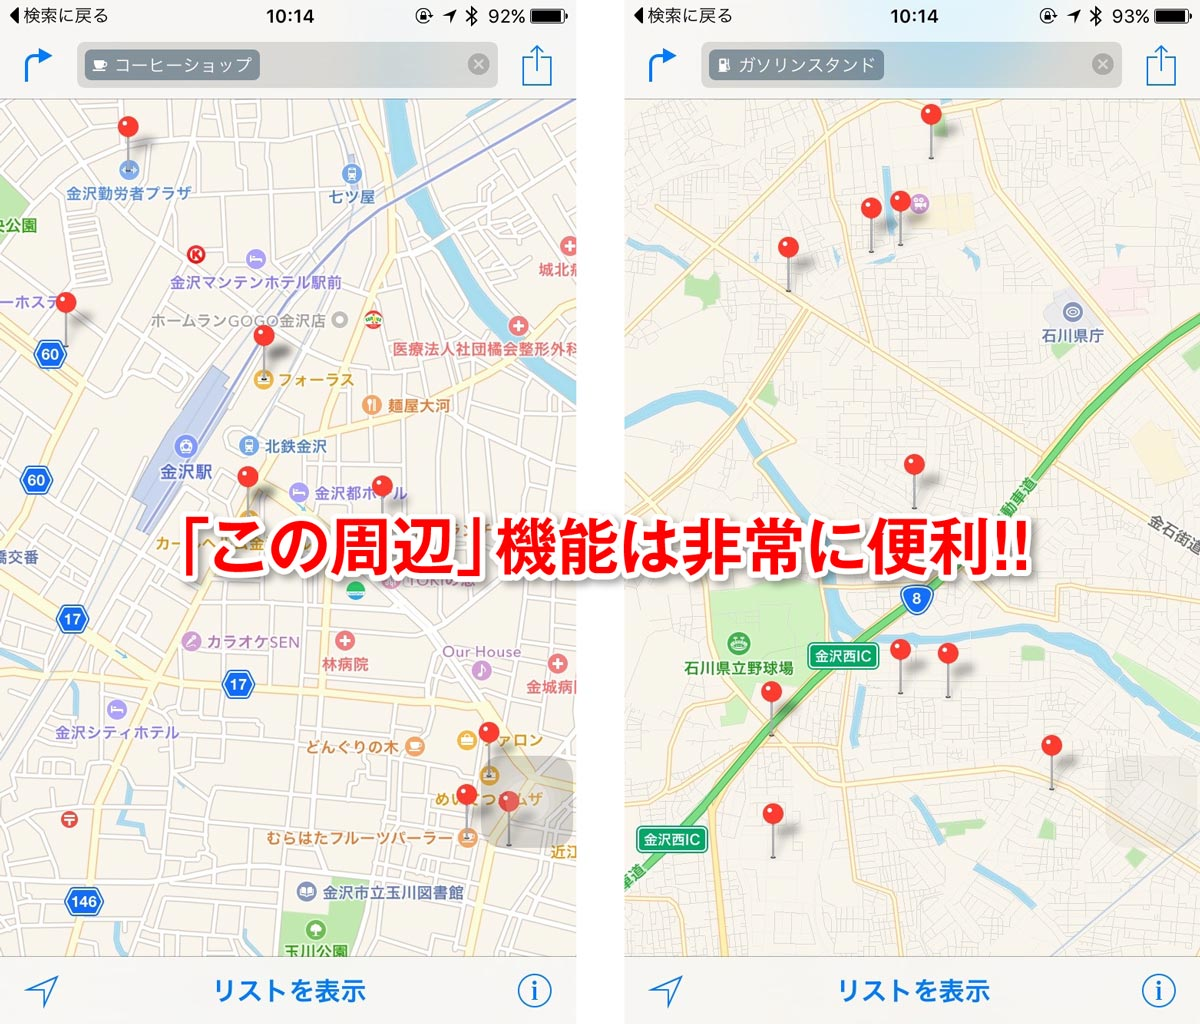 「この周辺」 iOS9.3